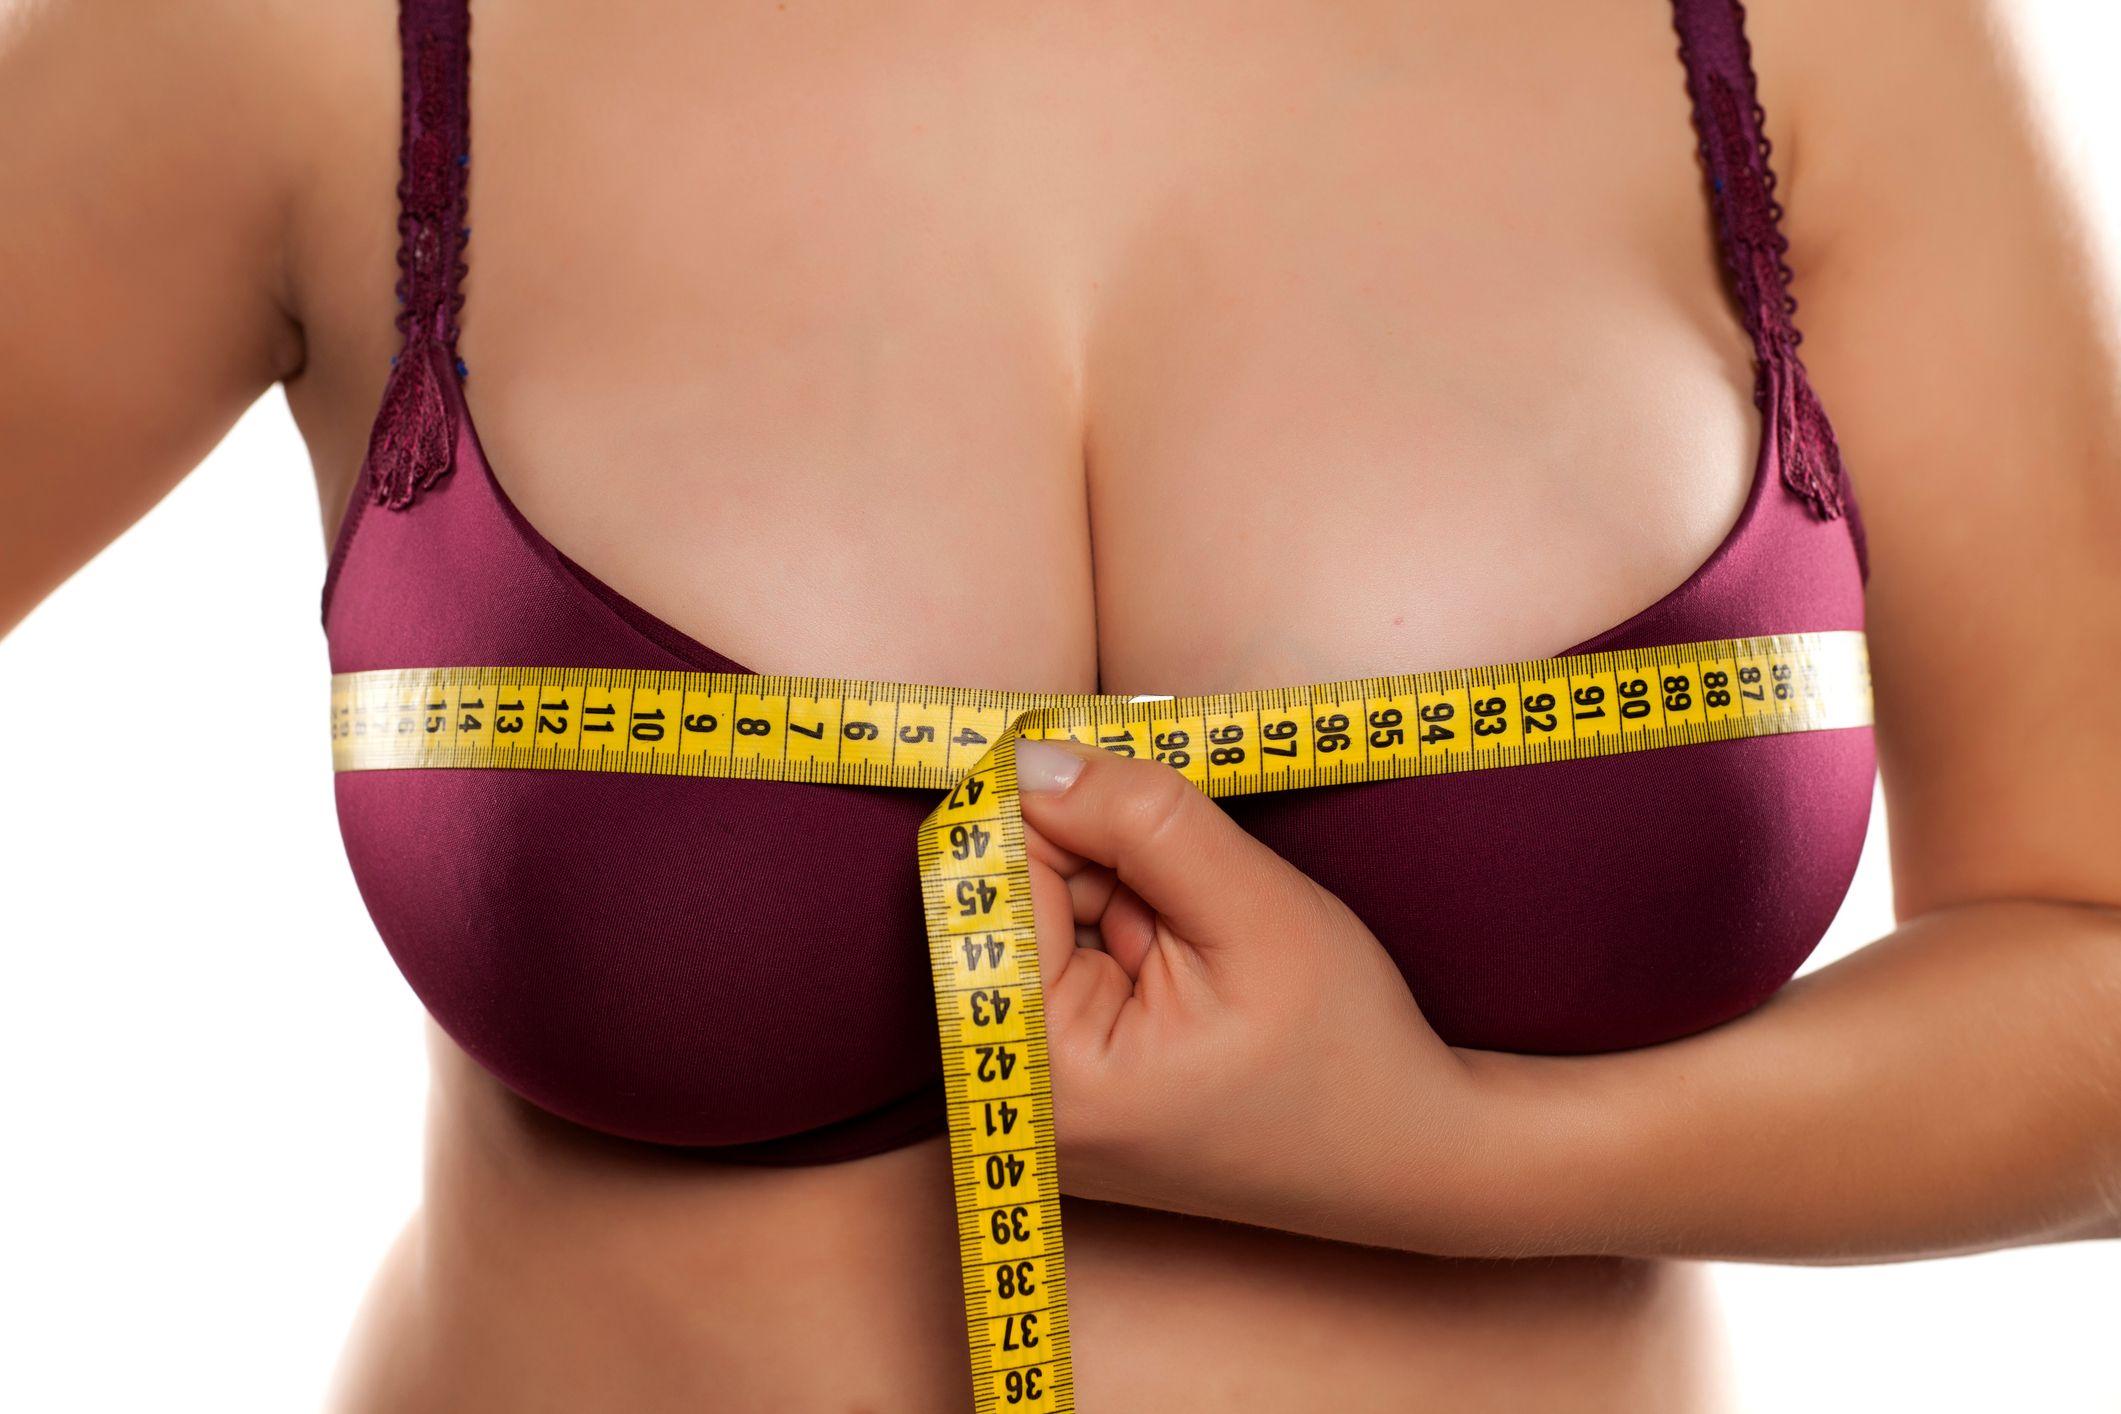 résultats de perte de poids en roller mec perdre du poids